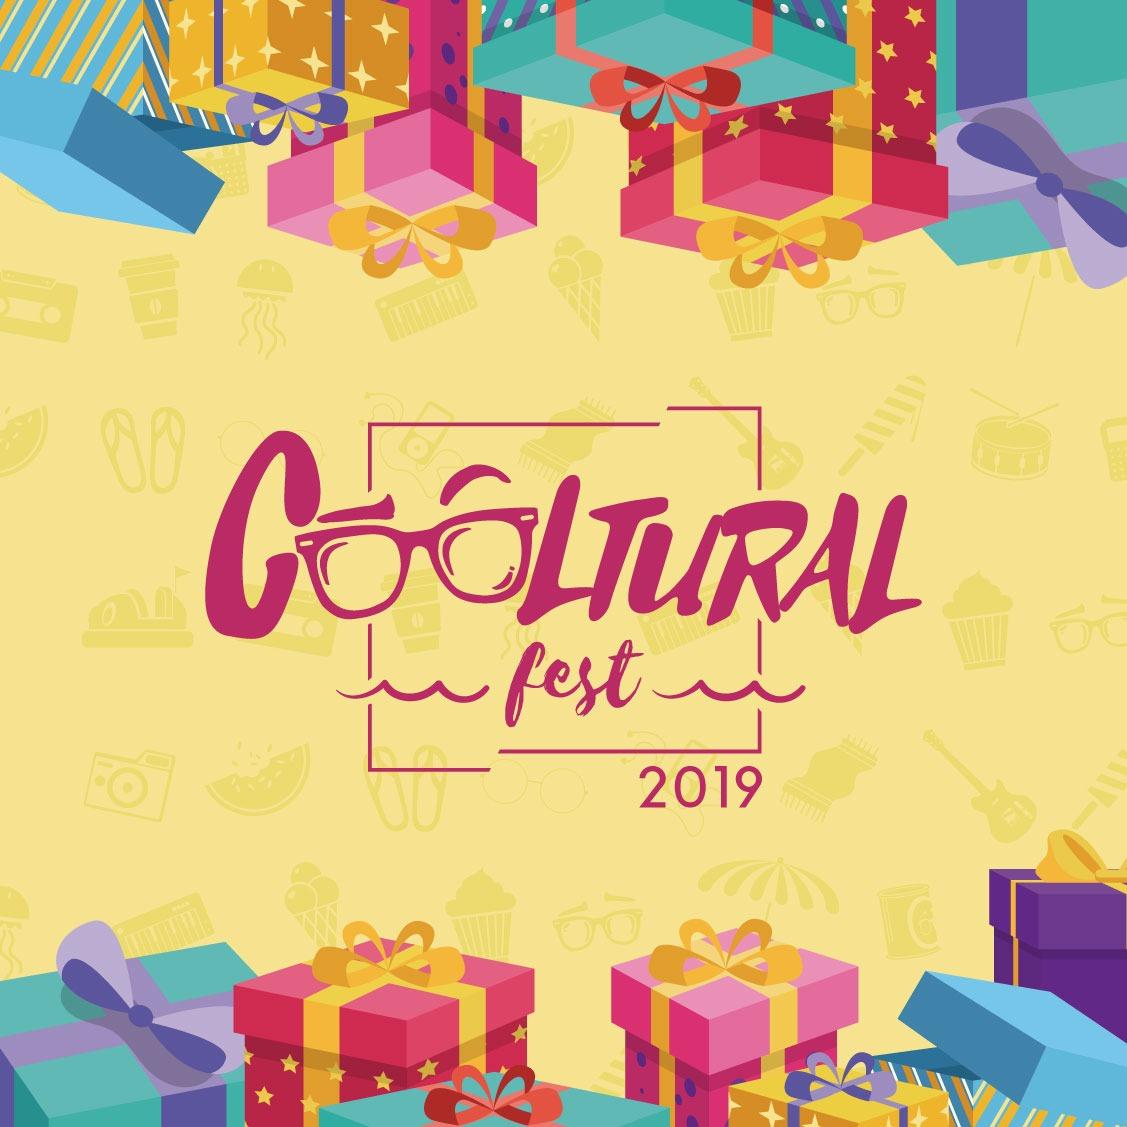 cooltural fest 2019 regalo reyes